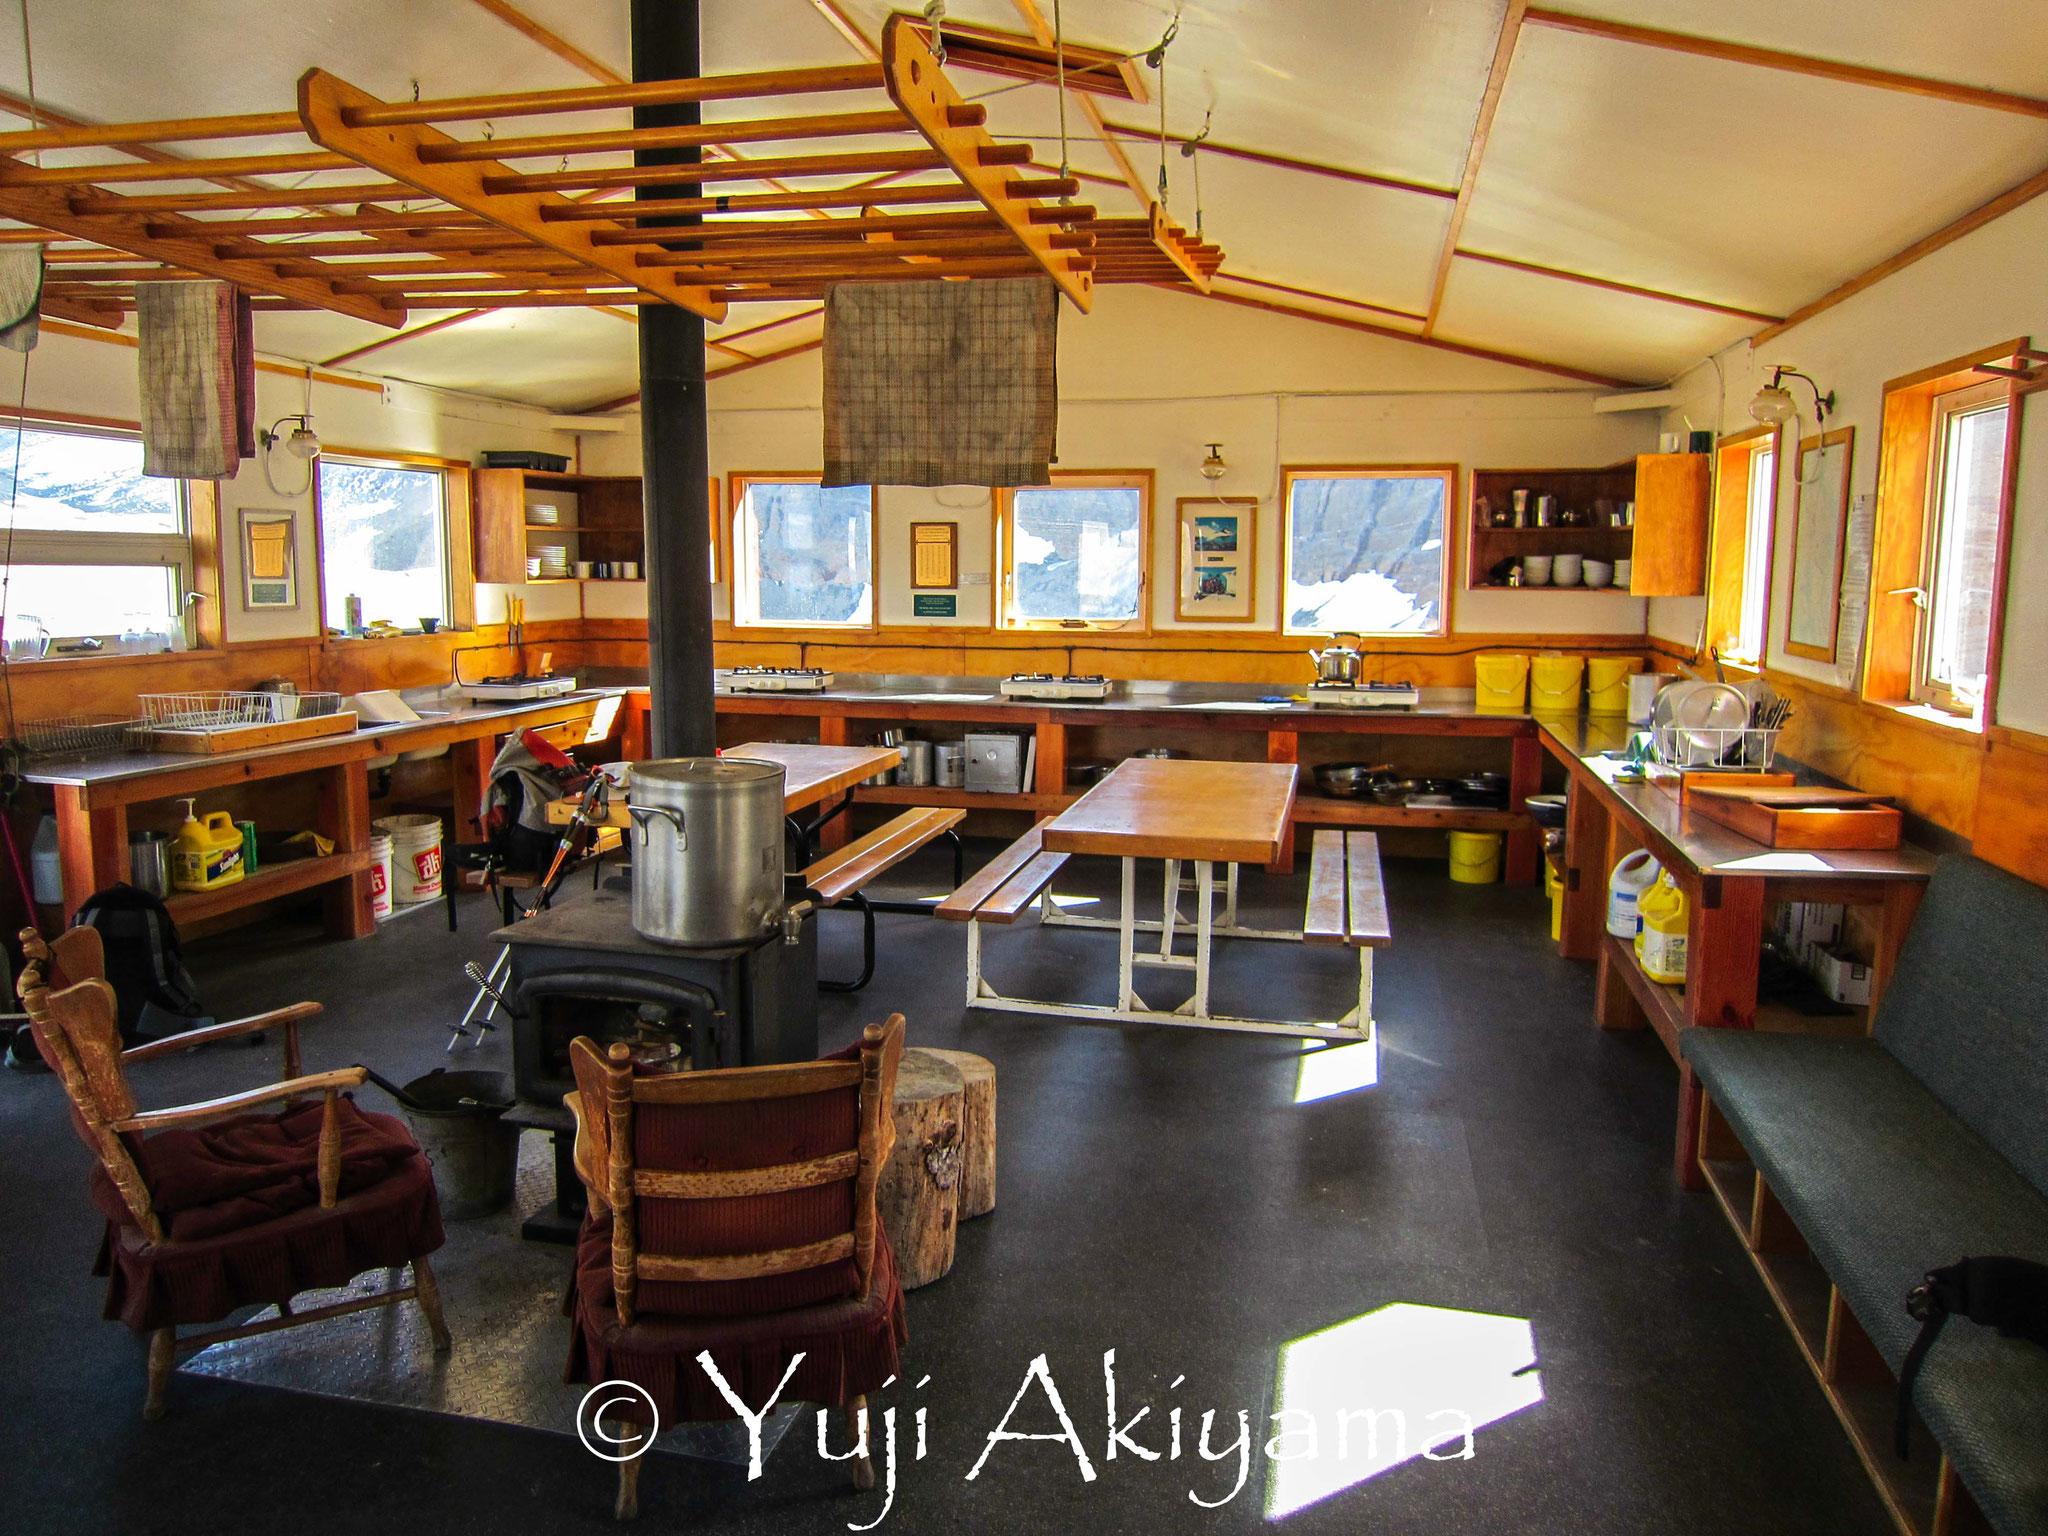 ボウハットの快適なキッチン、リビングスペース